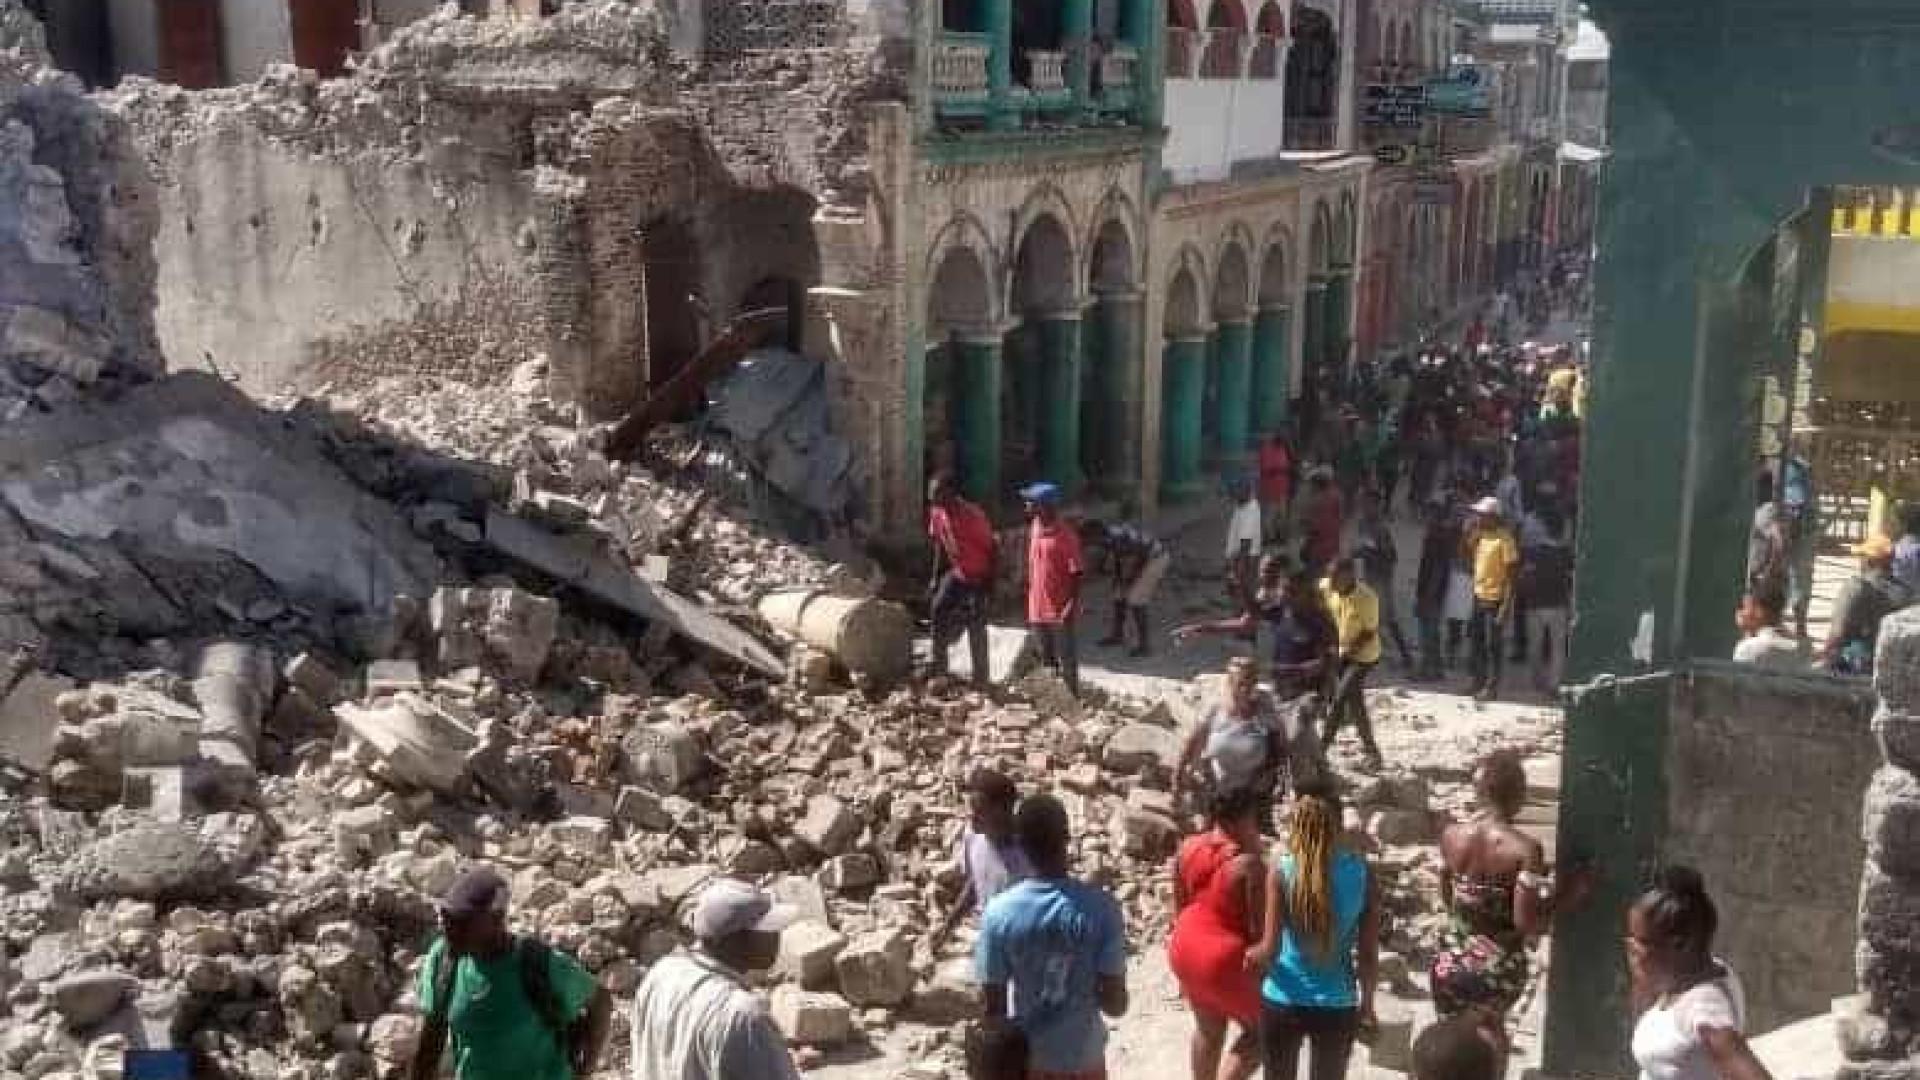 Terremoto de magnitude 7,2 atinge o Haiti e deixa ao menos 227 mortos